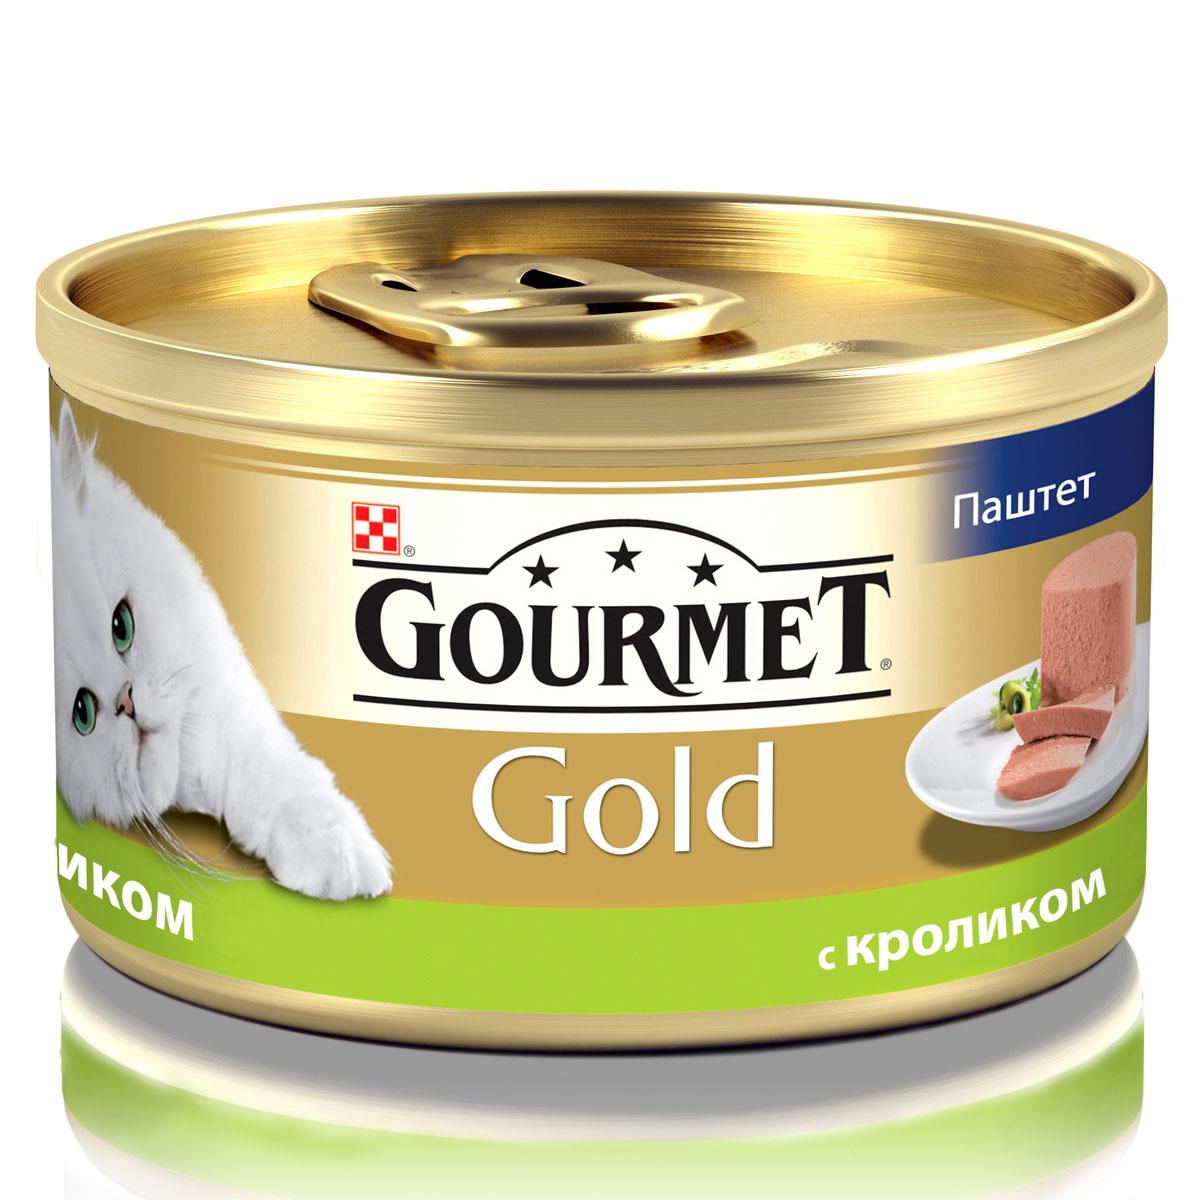 Консервы для кошек Gourmet Gold, паштет с кроликом, 85 г12182548Корм Gourmet Gold консервированный полнорационный для взрослых кошек.Рекомендации по кормлению: кормите кошку 2 раза в день из расчета 4 банки в день. Индивидуальные потребности животного могут отличаться, поэтому норма кормления должна быть скорректирована для поддержания оптимального веса вашей кошки. Для беременных и кормящих - кормление без ограничений.Давайте корм комнатной температуры.Следите, чтобы у вашей кошки всегда была чистая, свежая питьевая вода. Хранить в сухом прохладном месте. Состав: мясо и мясные субпродукты (из которых кролика 4%), минеральные вещества, сахар, витамины, продукты переработки злаков.Гарантируемые показатели: влажность 77,5%, белок 11,0%, жир 7,0%, сырая зола 3,0%, сырая клетчатка 0,01%.Добавленные вещества МЕ/кг: Витамин А: 1640; витамин D3: 255. мг/кг: железо: 11,4; йод: 0,28; медь: 1,0; марганец: 2,2; цинк: 11,3. Вес: 85 г.Товар сертифицирован.